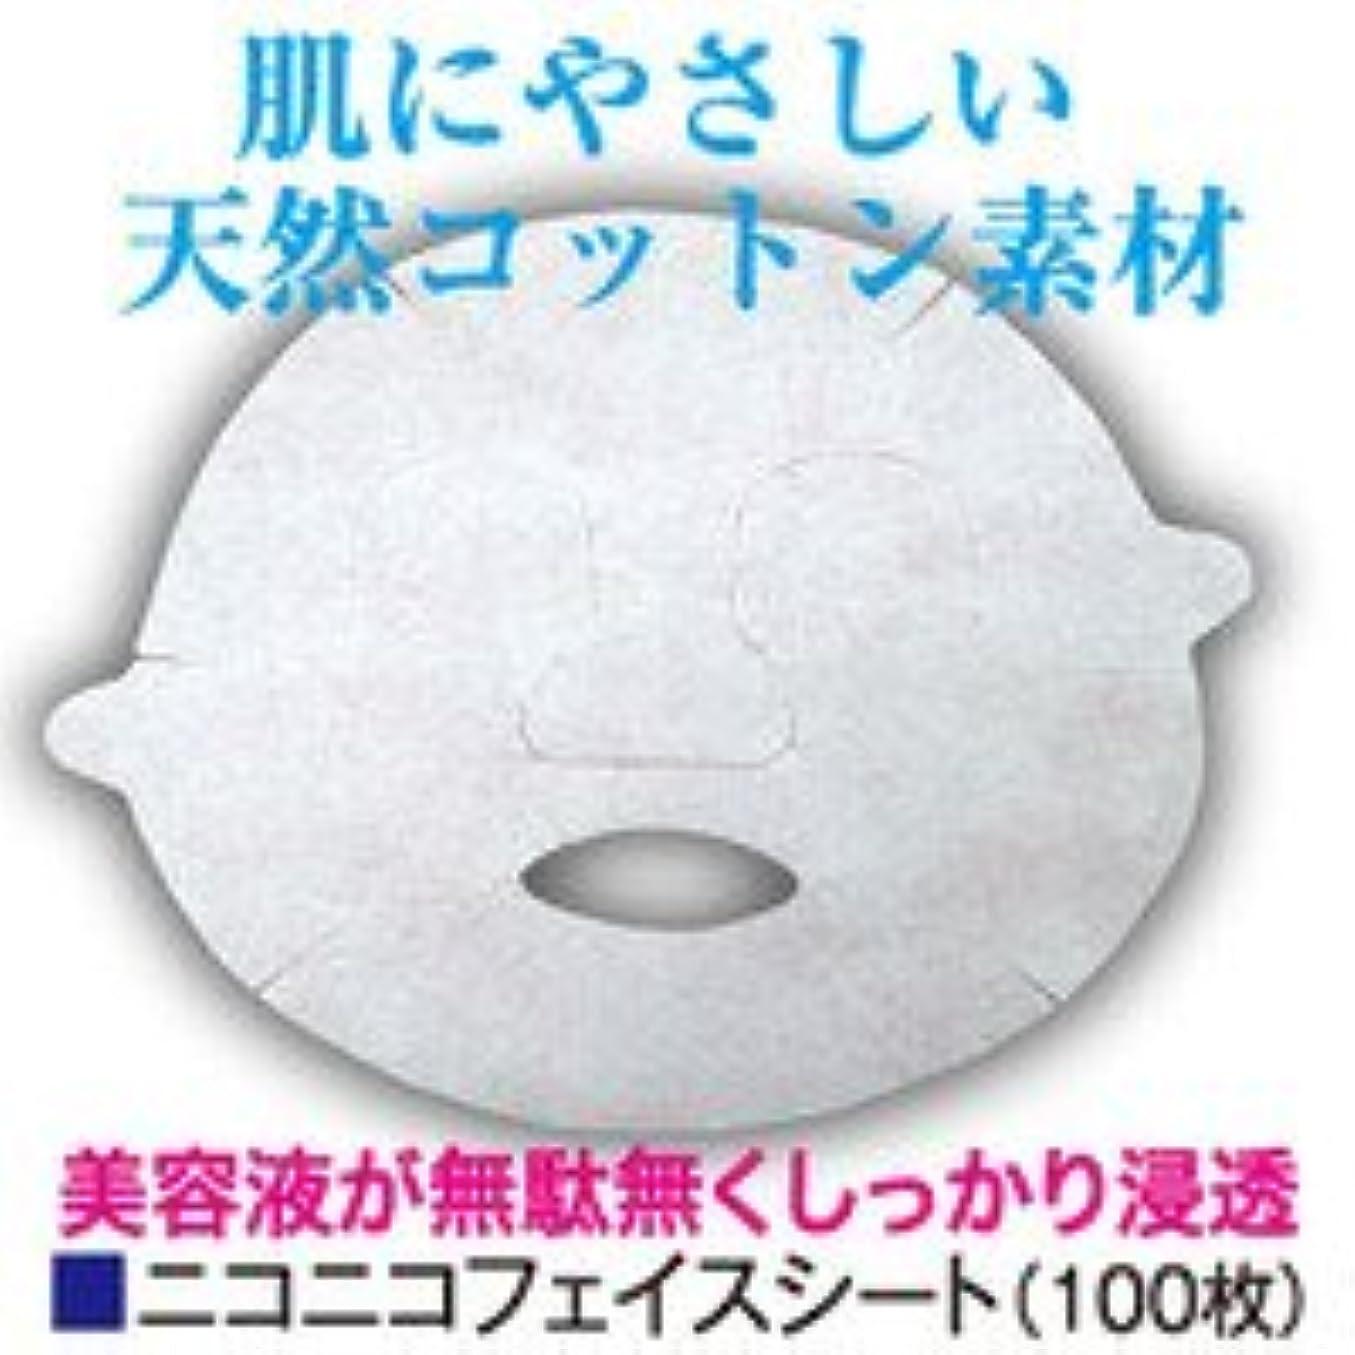 ラリーベルモントフォアマン価値フェイスシート 【ニコニコフェイスシート】 100枚